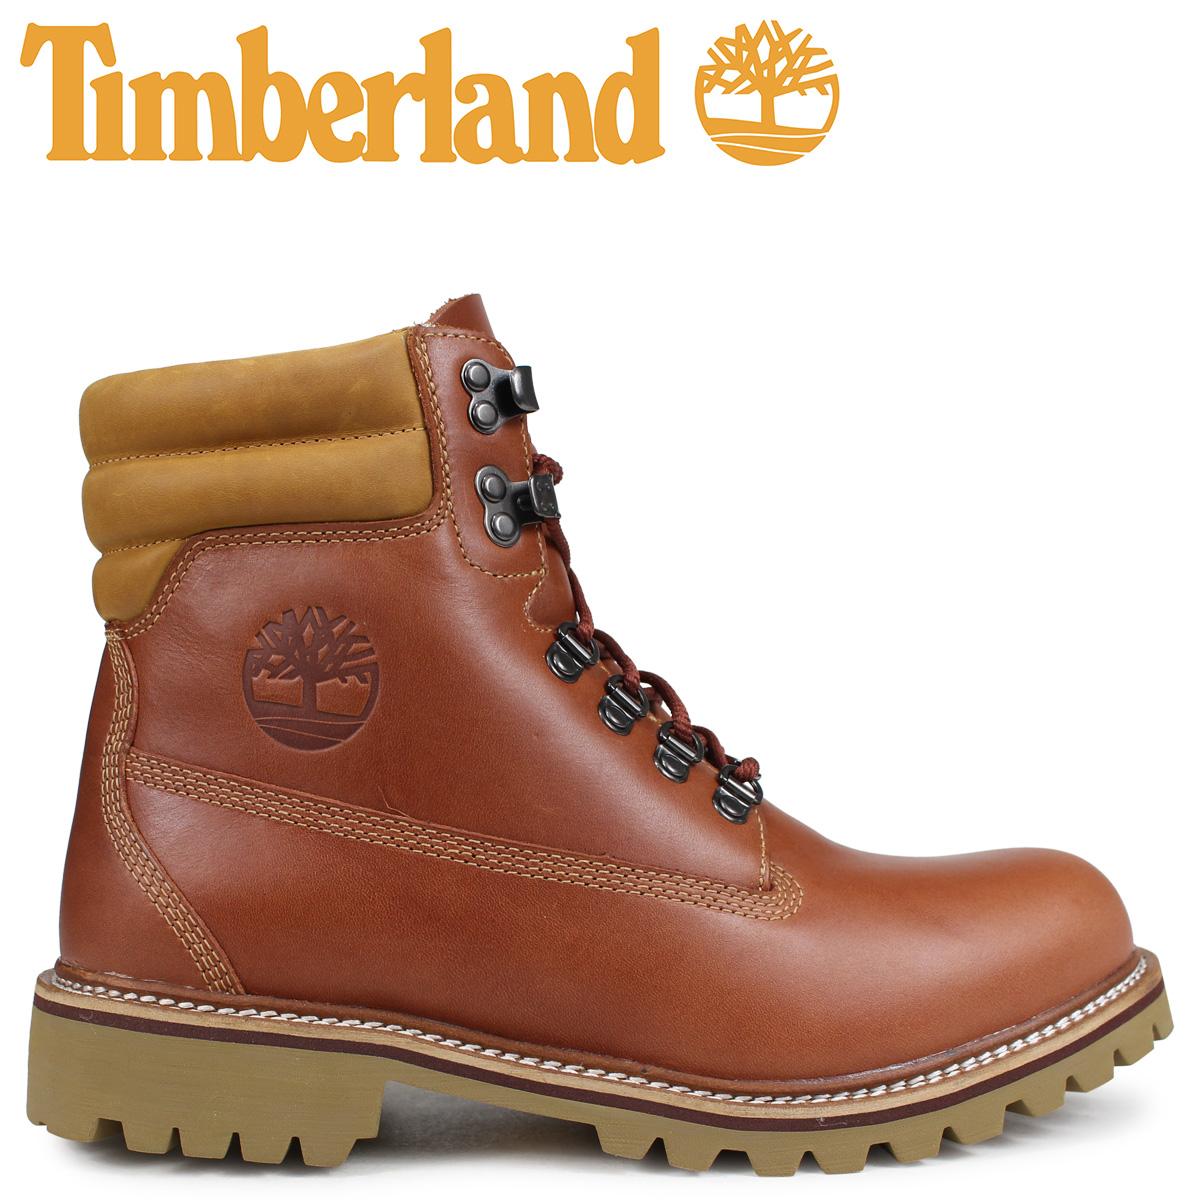 Timberland 6インチ メンズ ティンバーランド ブーツ プレミアム 6INCHI PREMIUM BOOTS A1QXI Wワイズ ブラウン